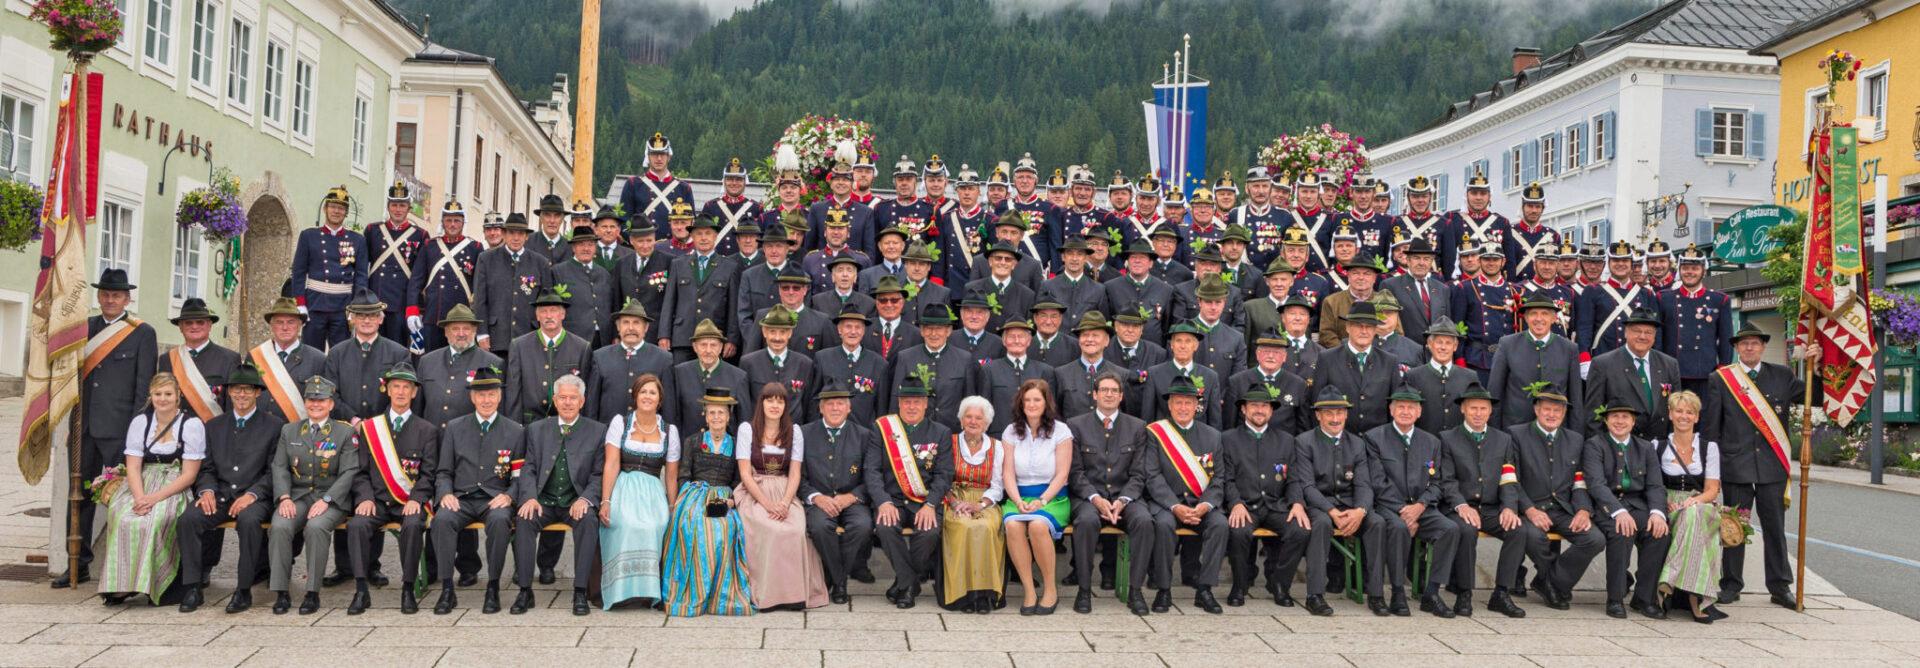 Kameradschaftsbund-Gruppenfoto